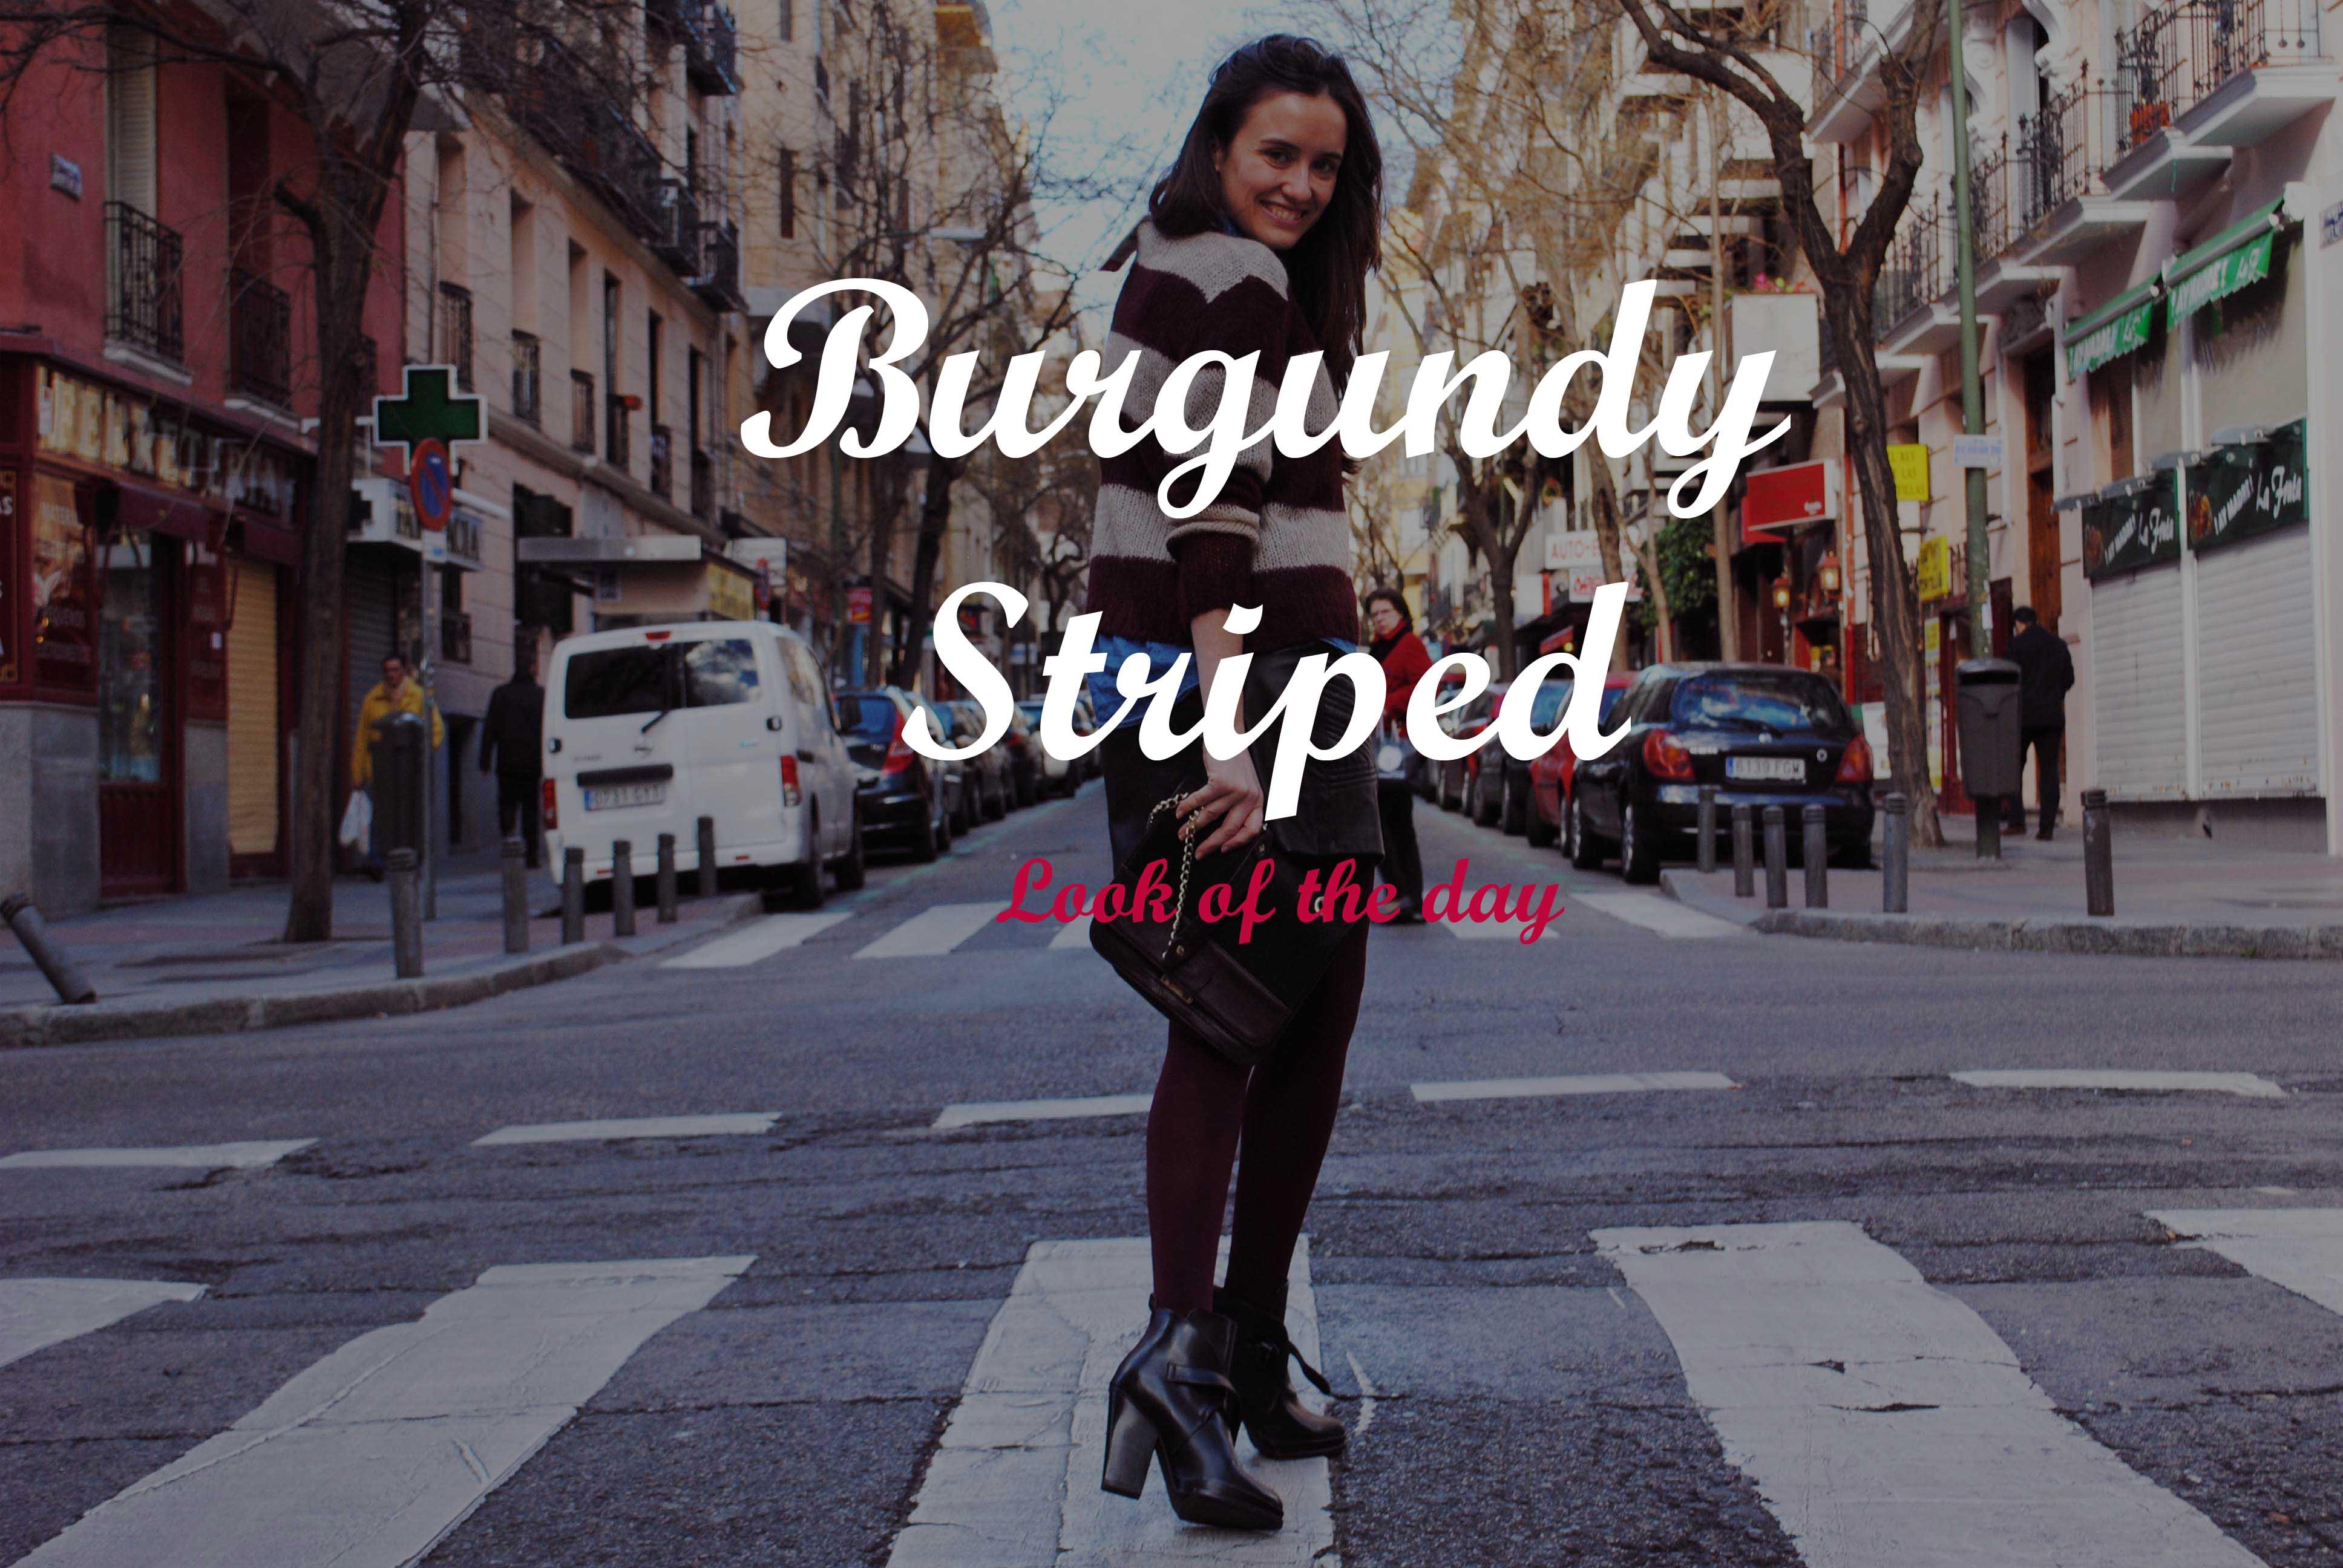 BURGUNDY STRIPED-49989-olindastyle